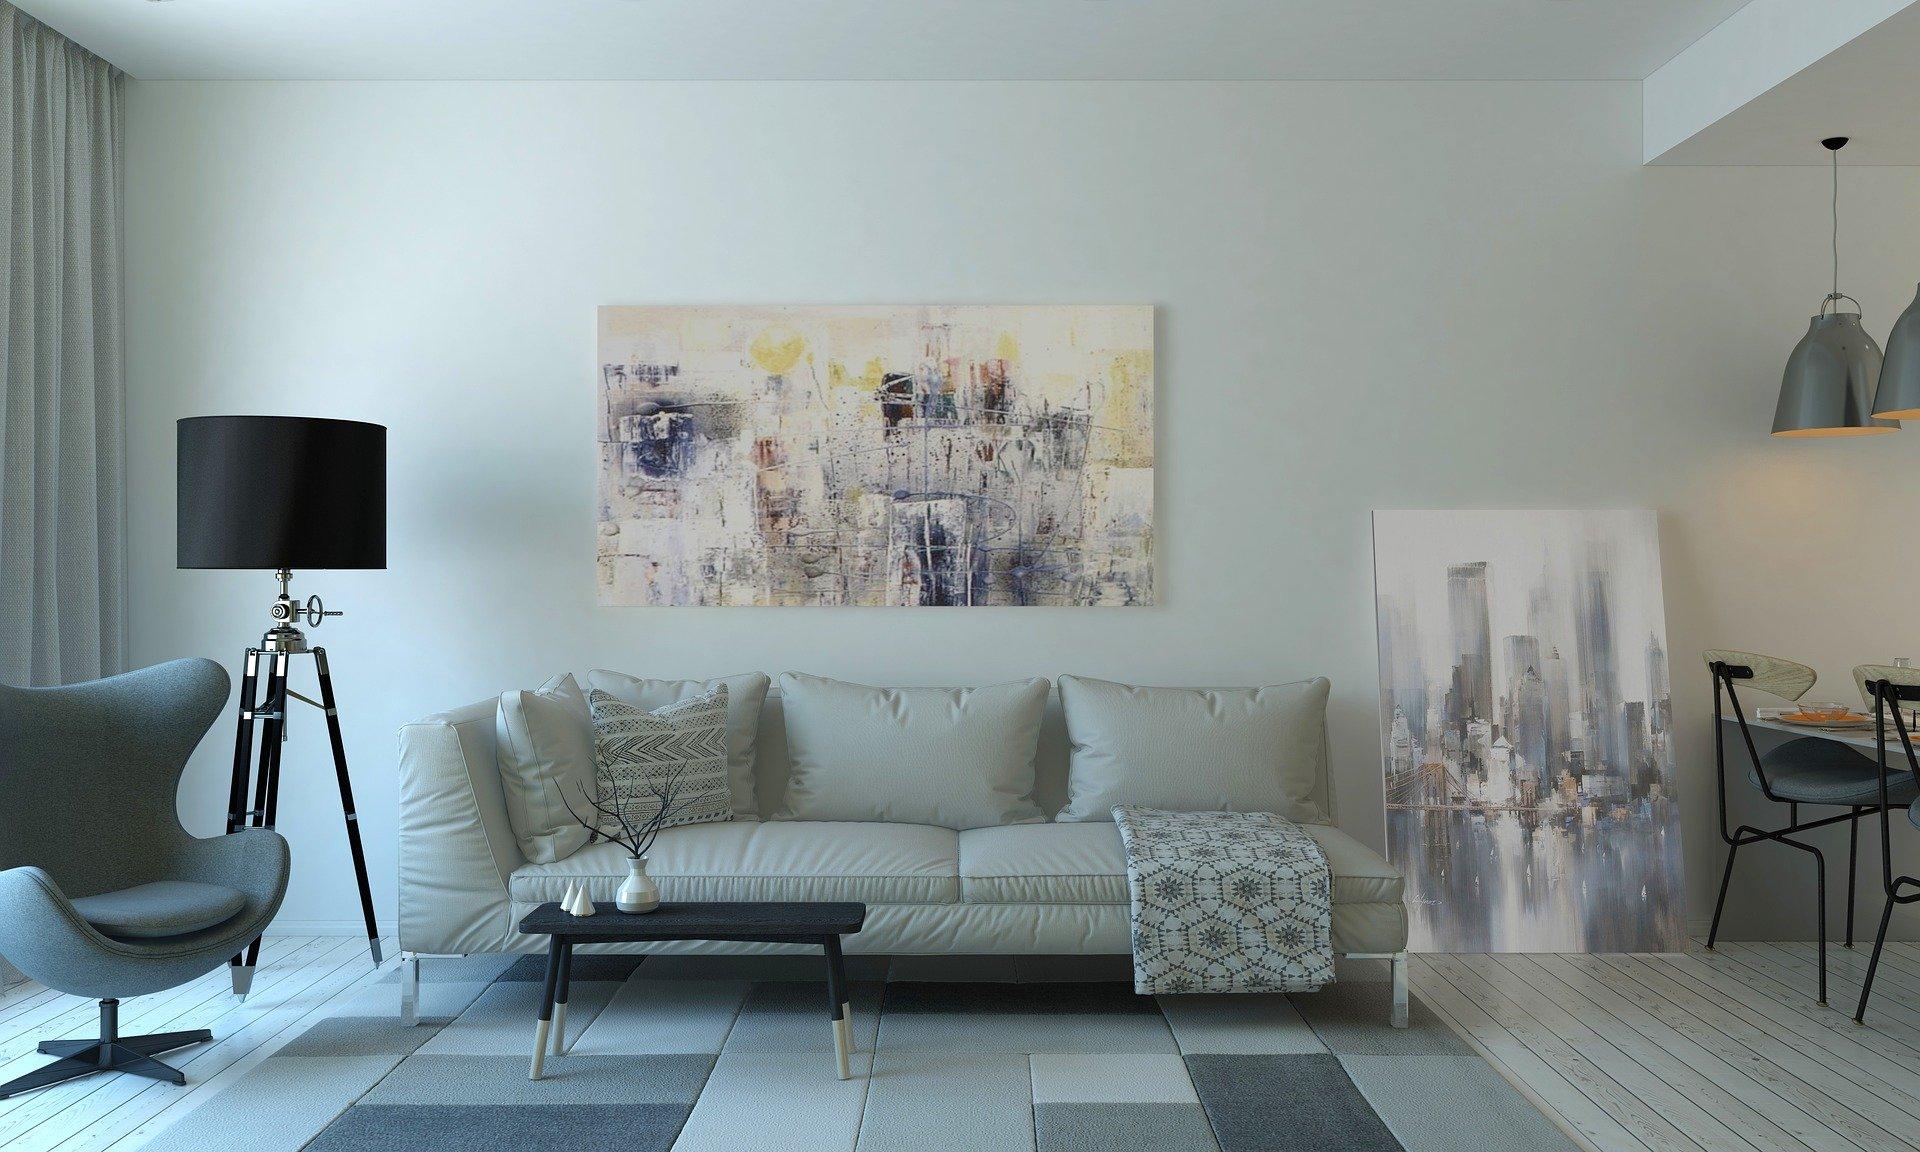 Foto de uma sala de estar com um sofá cinza no meio, uma poltrona azul no lado esquerdo, enquanto no chão temos um tapete com quadrados cinza e azul. Na parede ao fundo temos dois quadros com pintura abstrata e um abajur preto. No lado direito temos cadeiras pretas e um abajur cinza. Foto ilustrativa para texto vistoria seguro residencial.